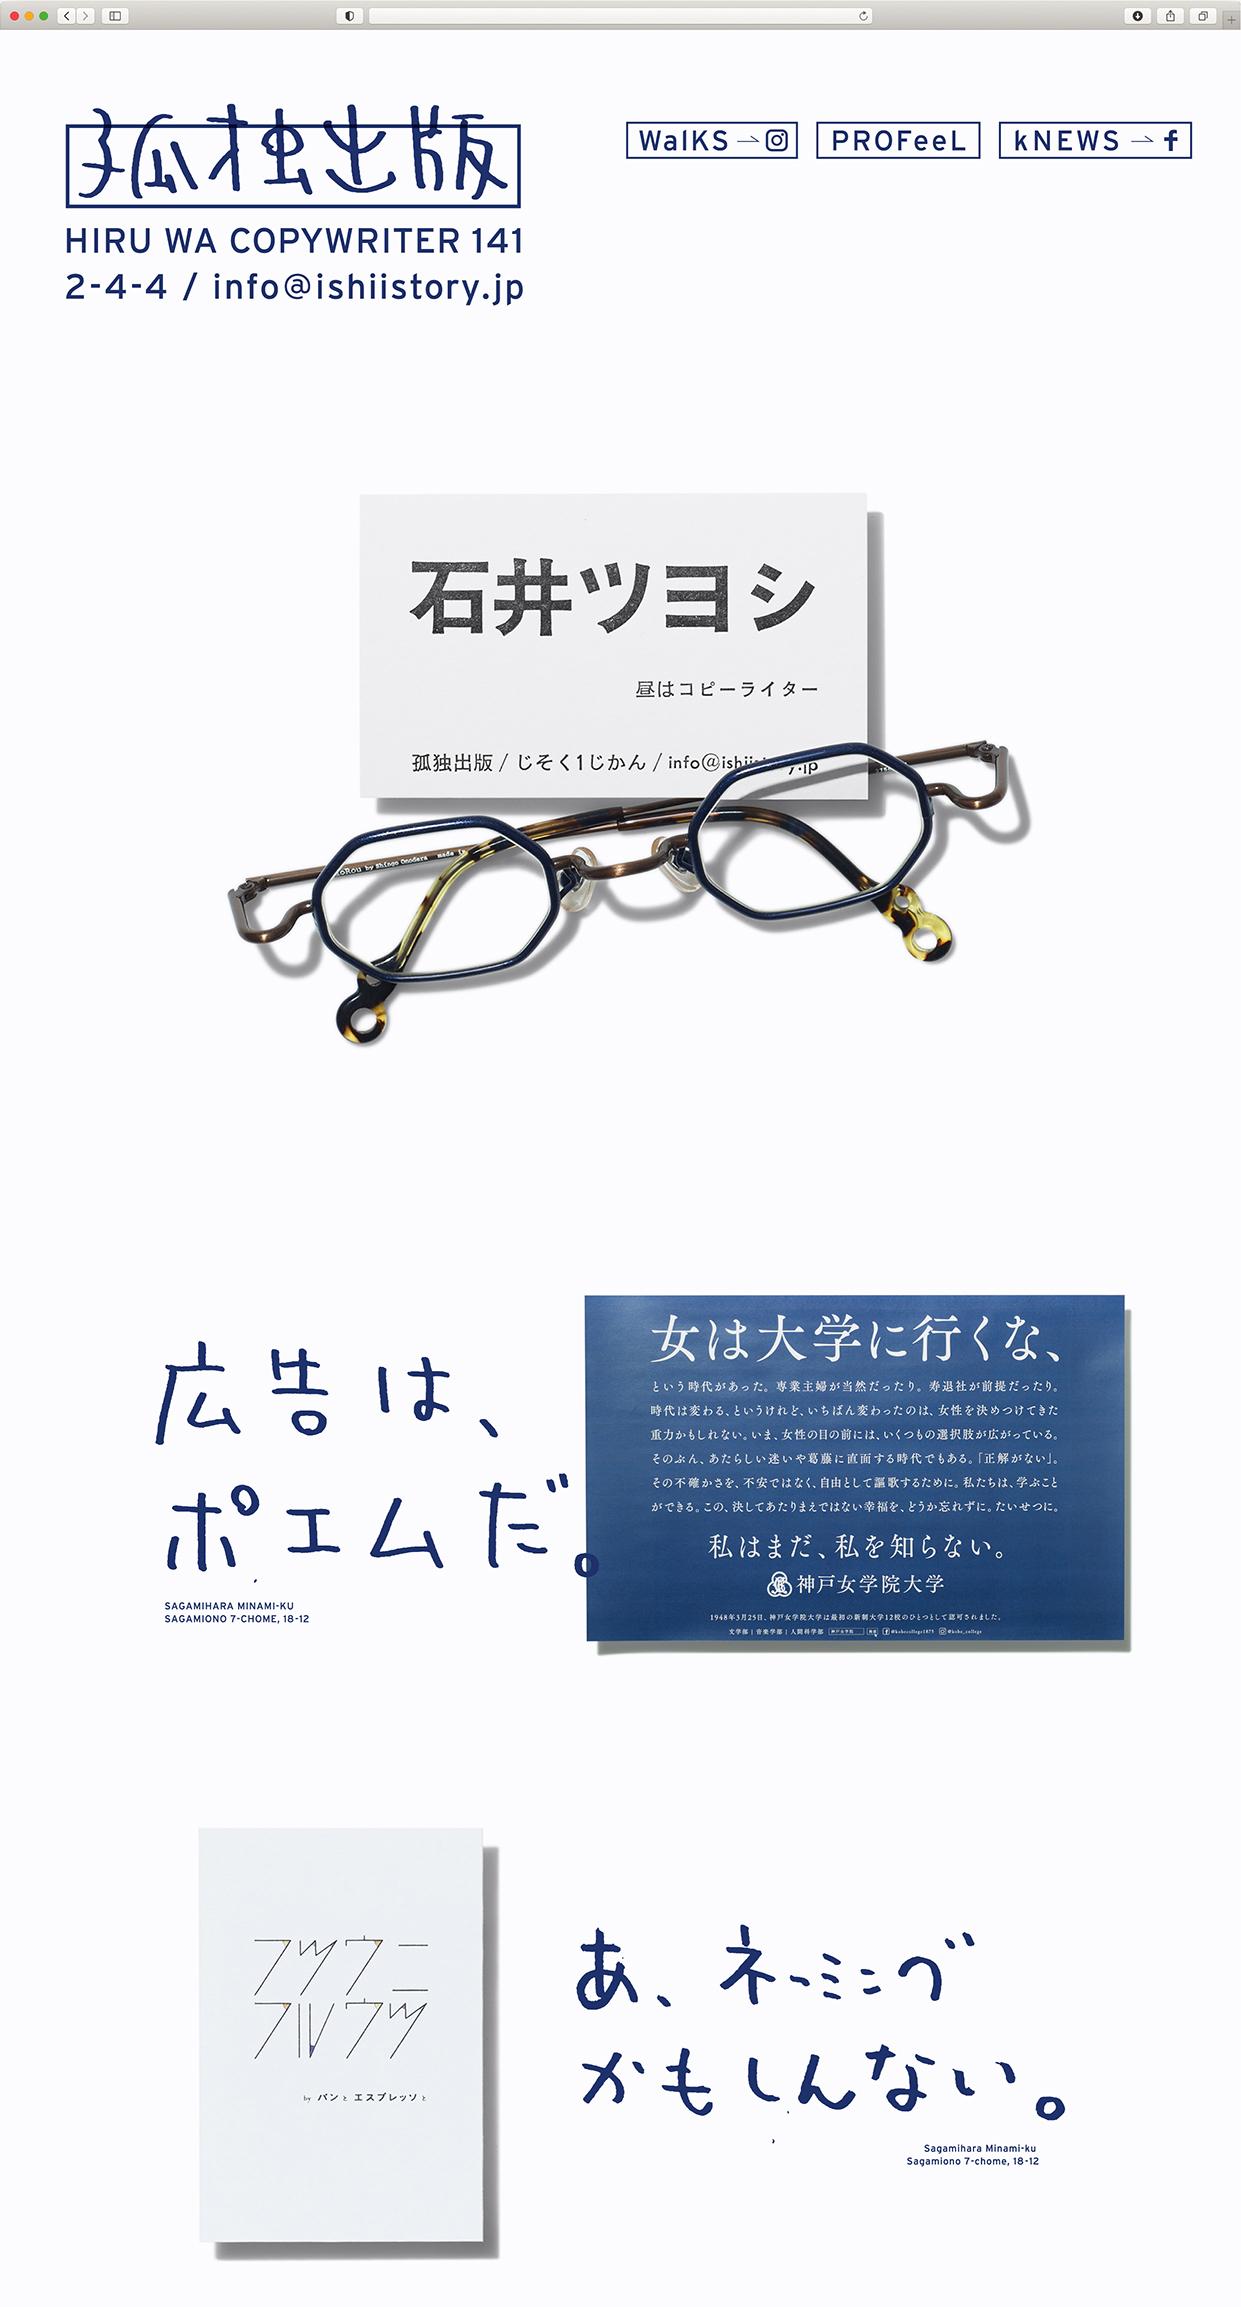 Copy Writer Ishii Tsuyoshi web page